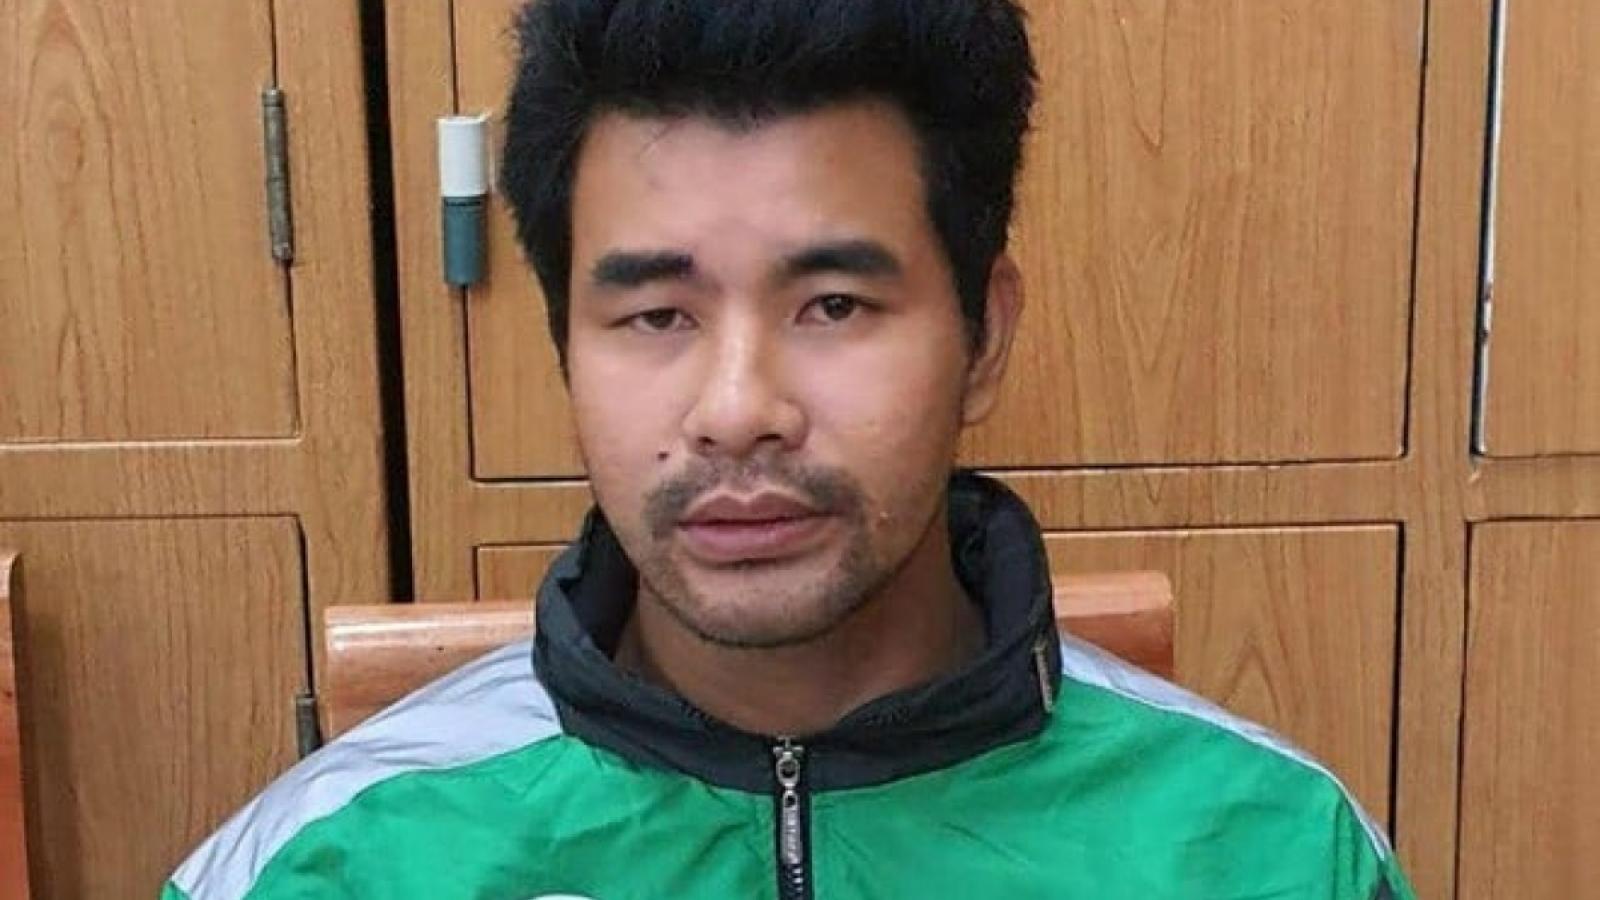 Chủ tịch Hà Nội chỉ đạo xử lý nghiêm vụ nữ công nhân vệ sinh môi trường bị sát hại